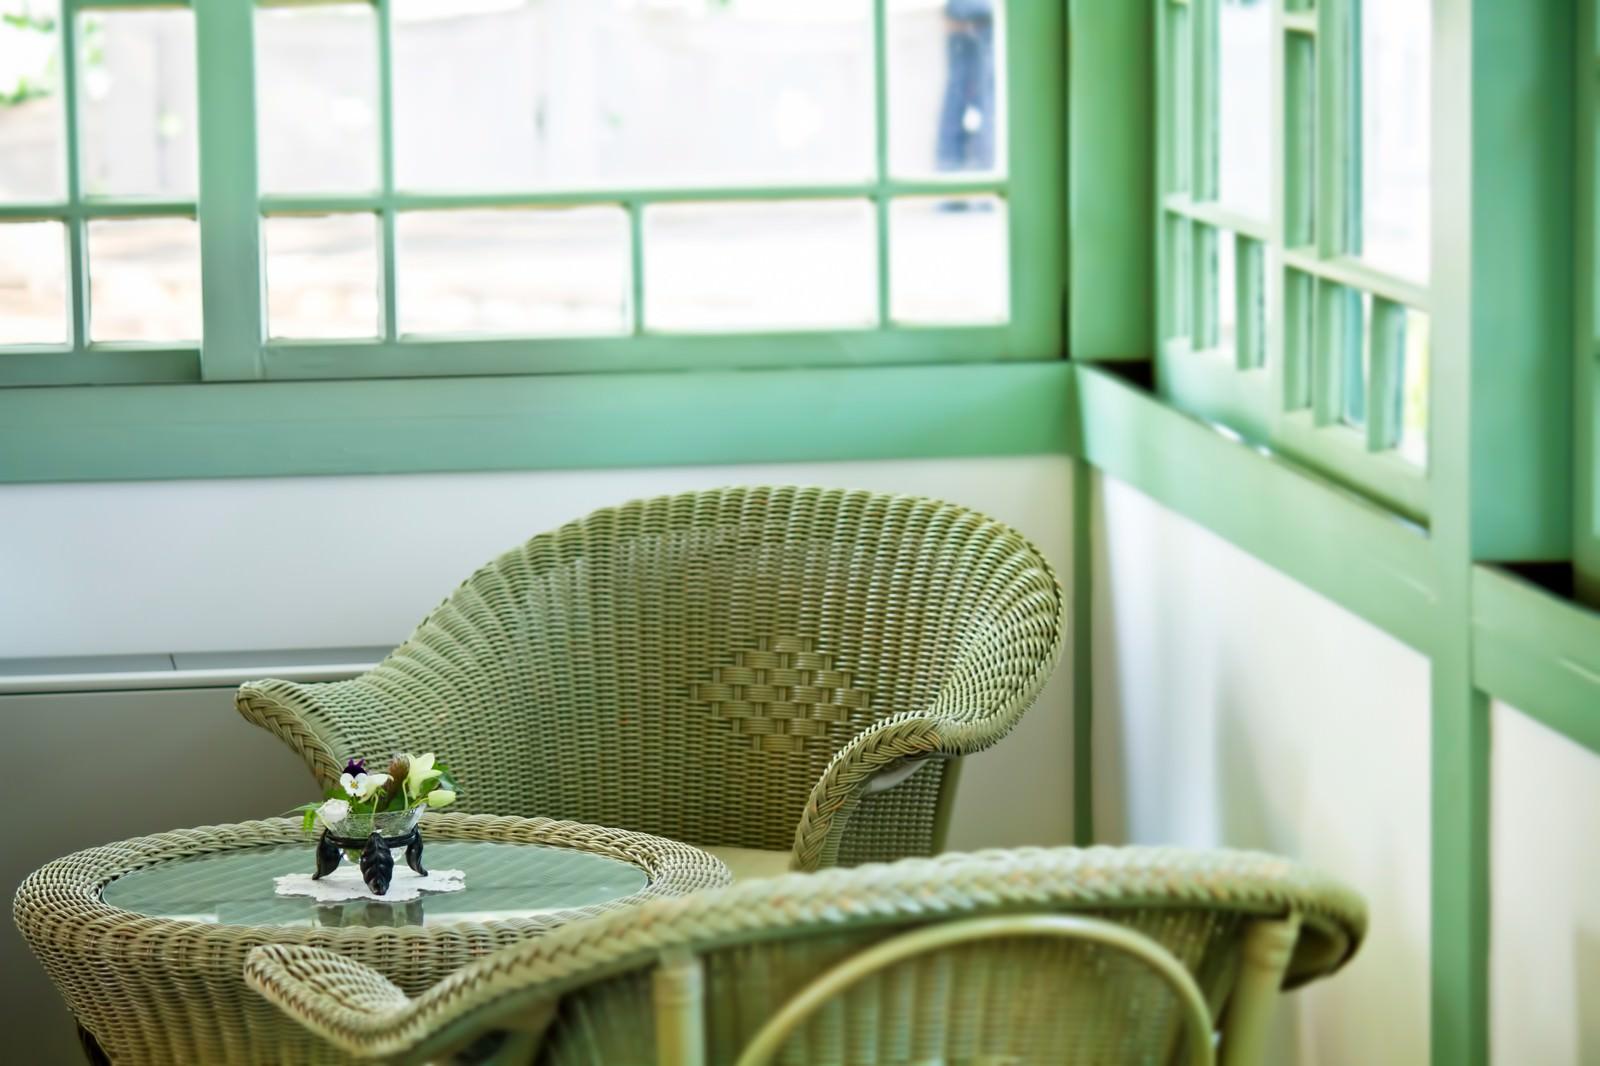 「窓辺の編まれた椅子窓辺の編まれた椅子」のフリー写真素材を拡大